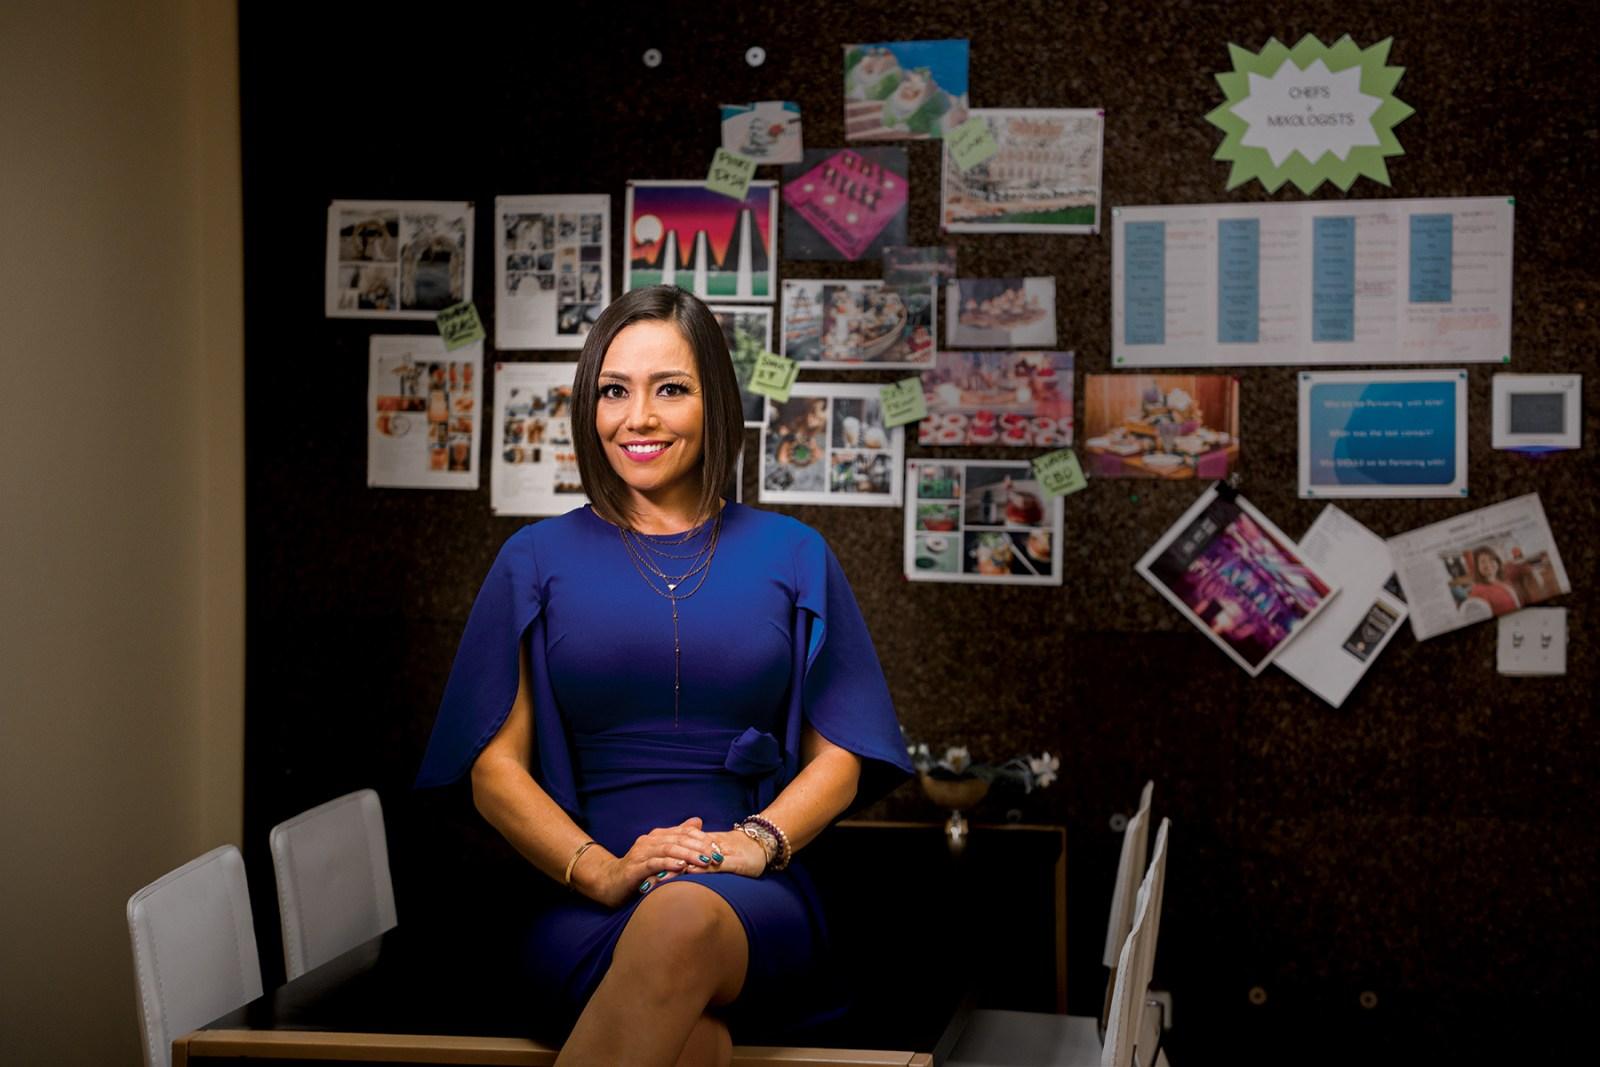 female in blue dress in office